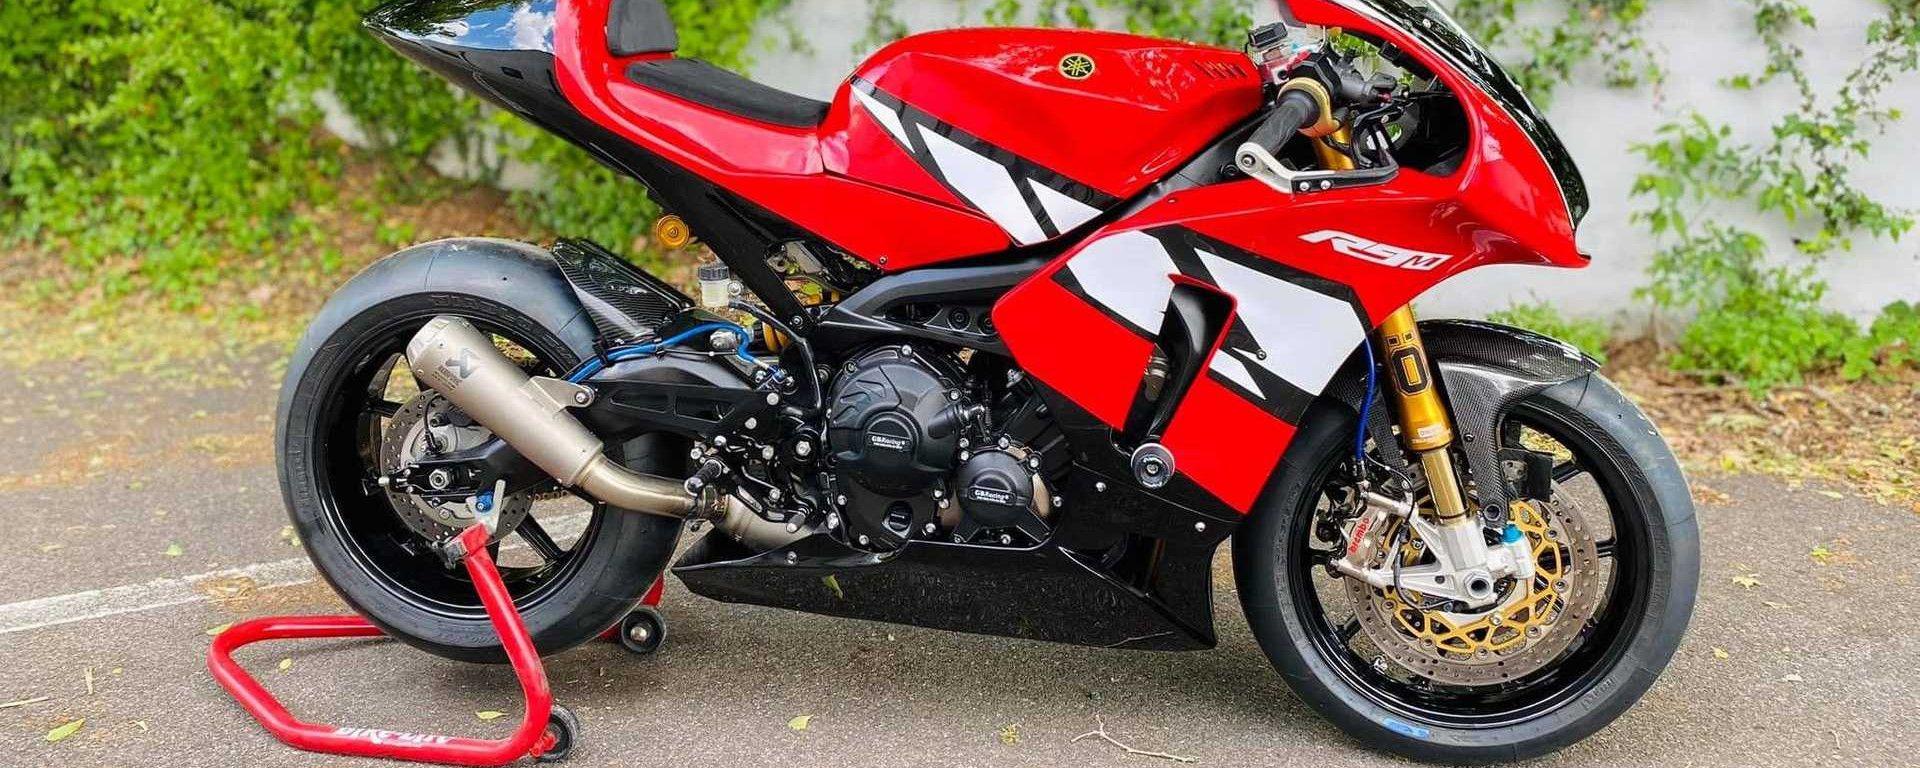 La Yamaha R9M: base Tracer 900 GT e modifiche da moto da corsa